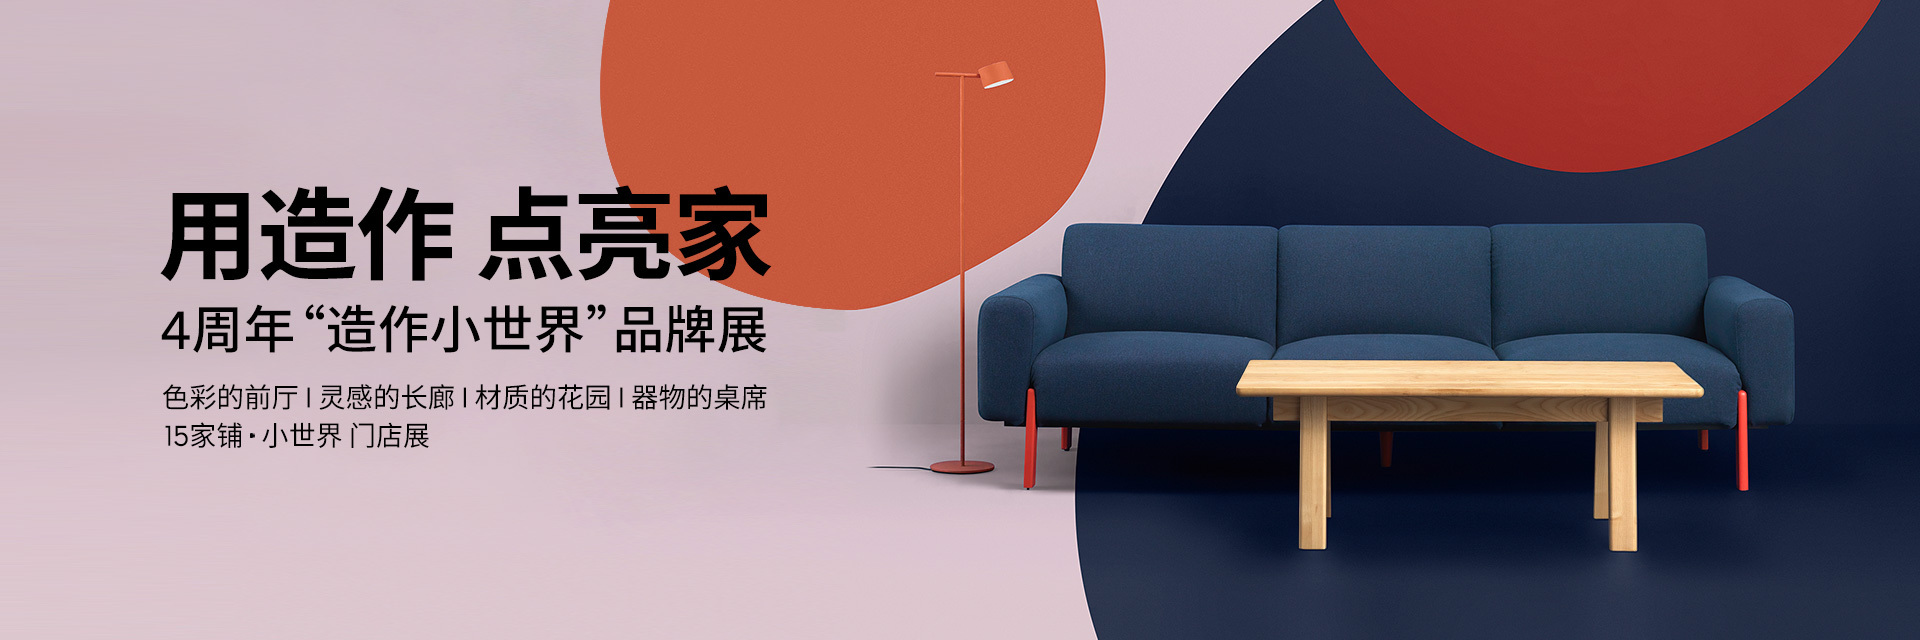 4周年品牌banner